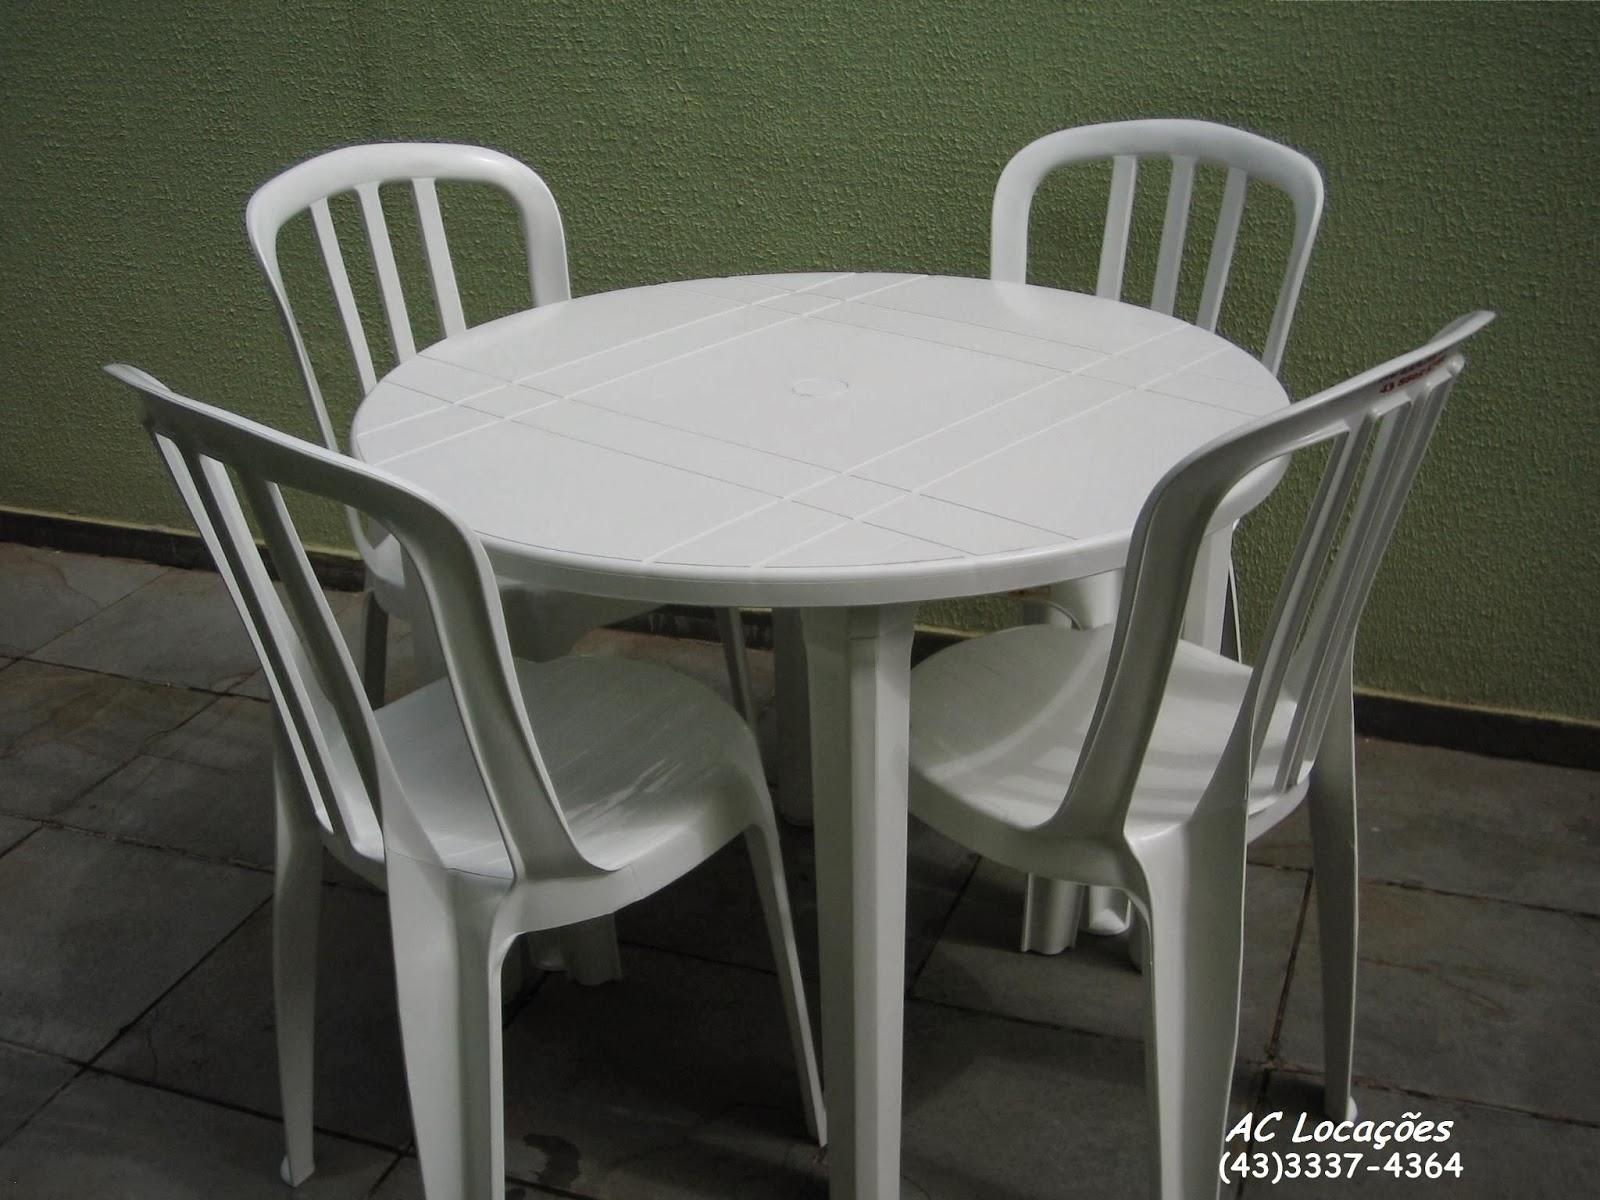 Ac loca es de mesas e cadeiras for Mesas de plastico para jardin